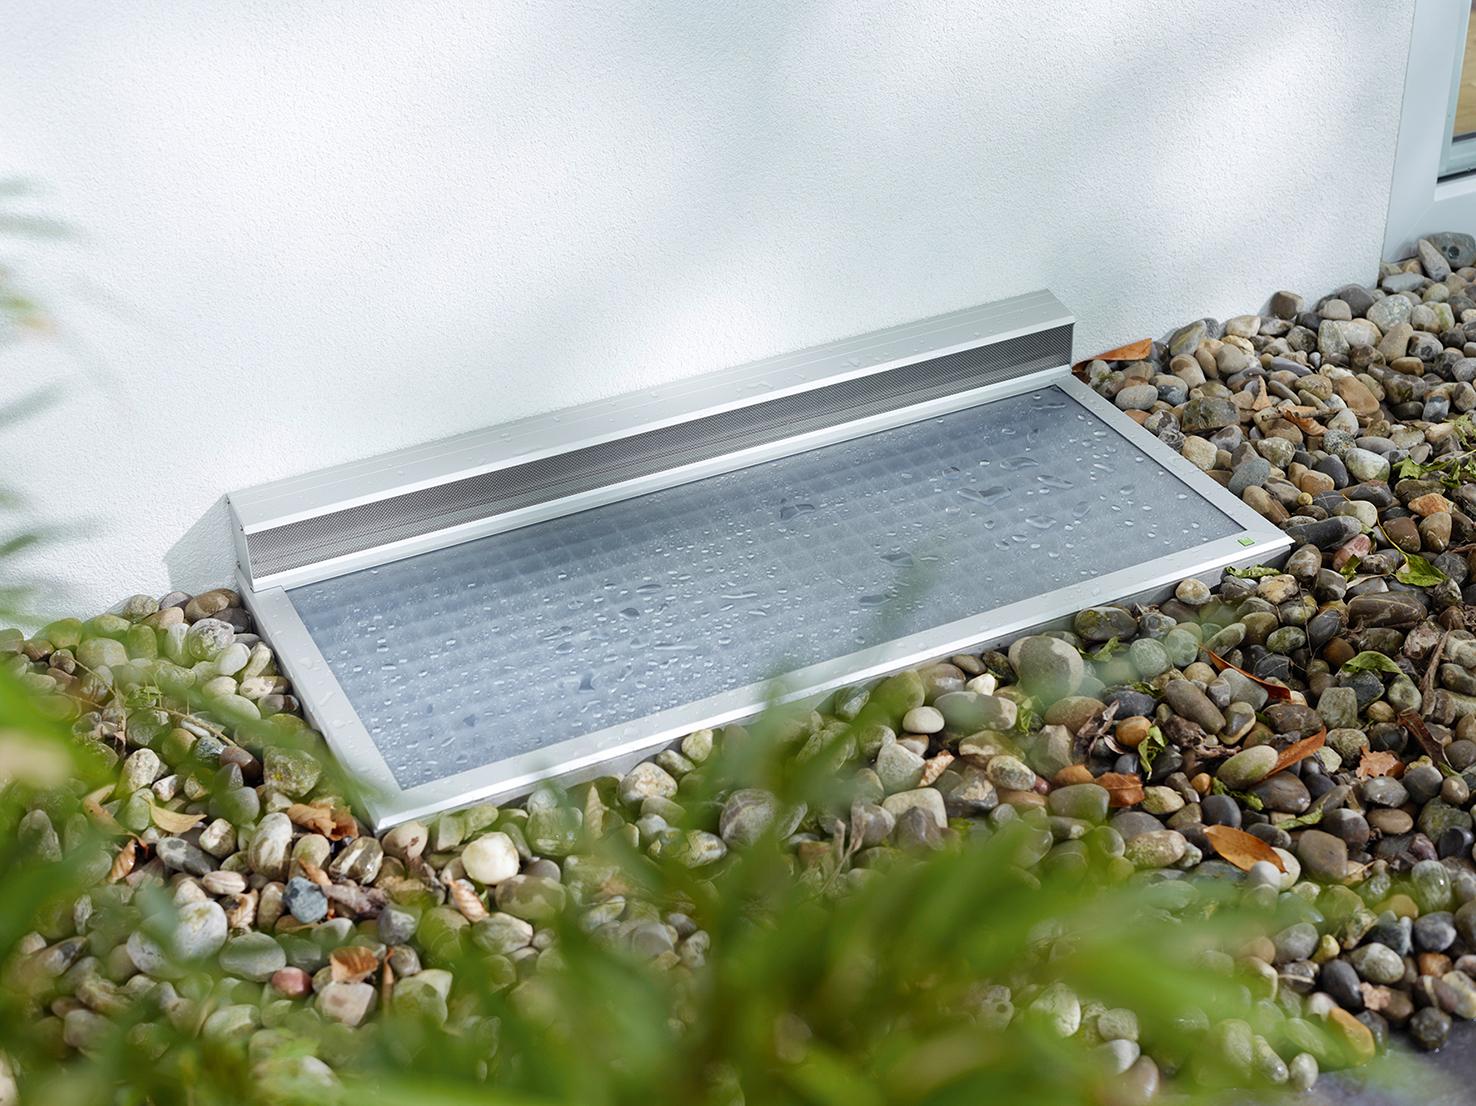 Insektenschutz -Lichtschacht außerhalb Fenster mit Insektenschutz von Ottis Türen und Fenster